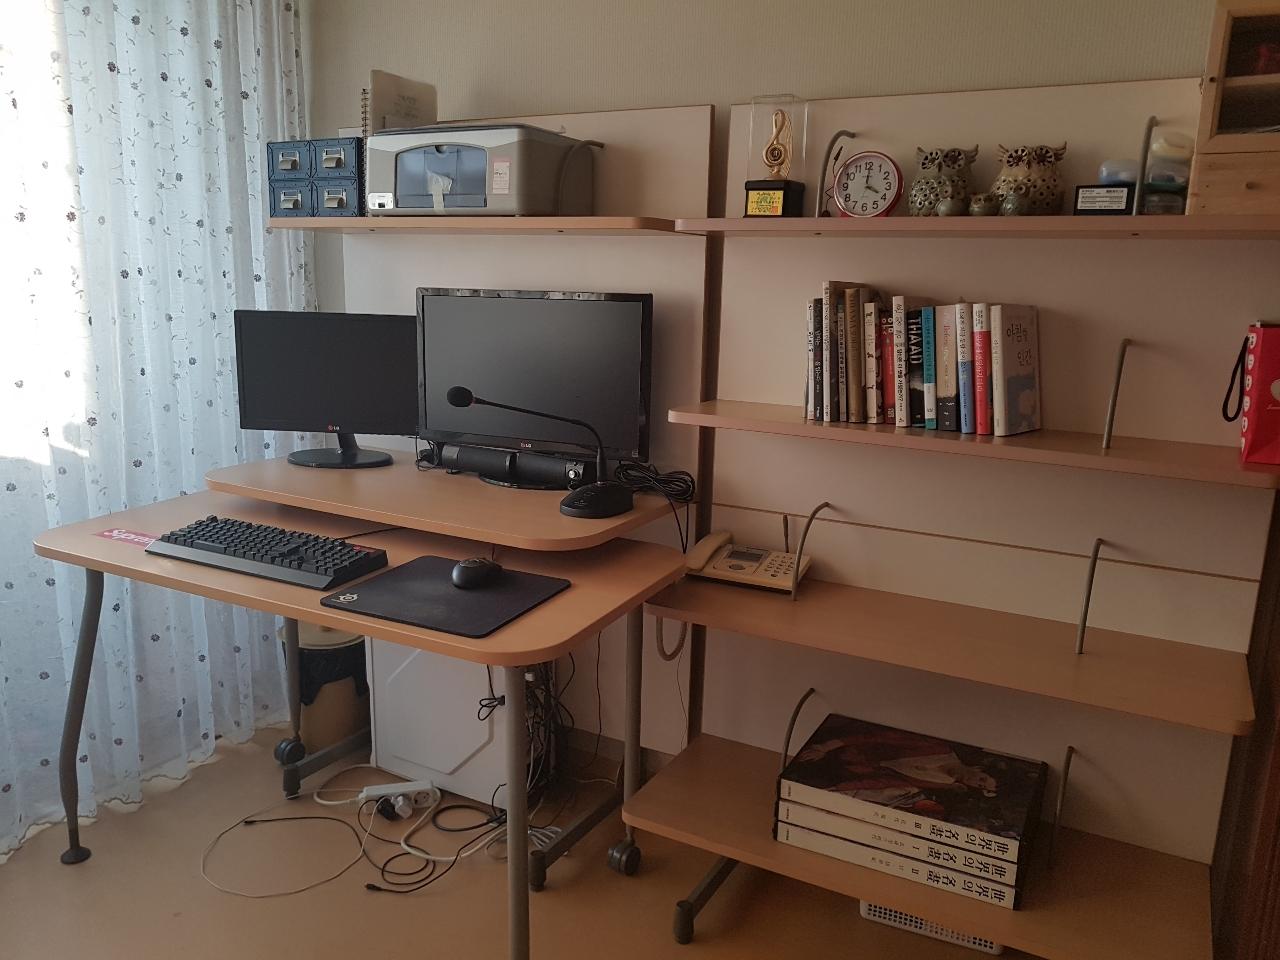 일룸  컴퓨터  책상과  책장